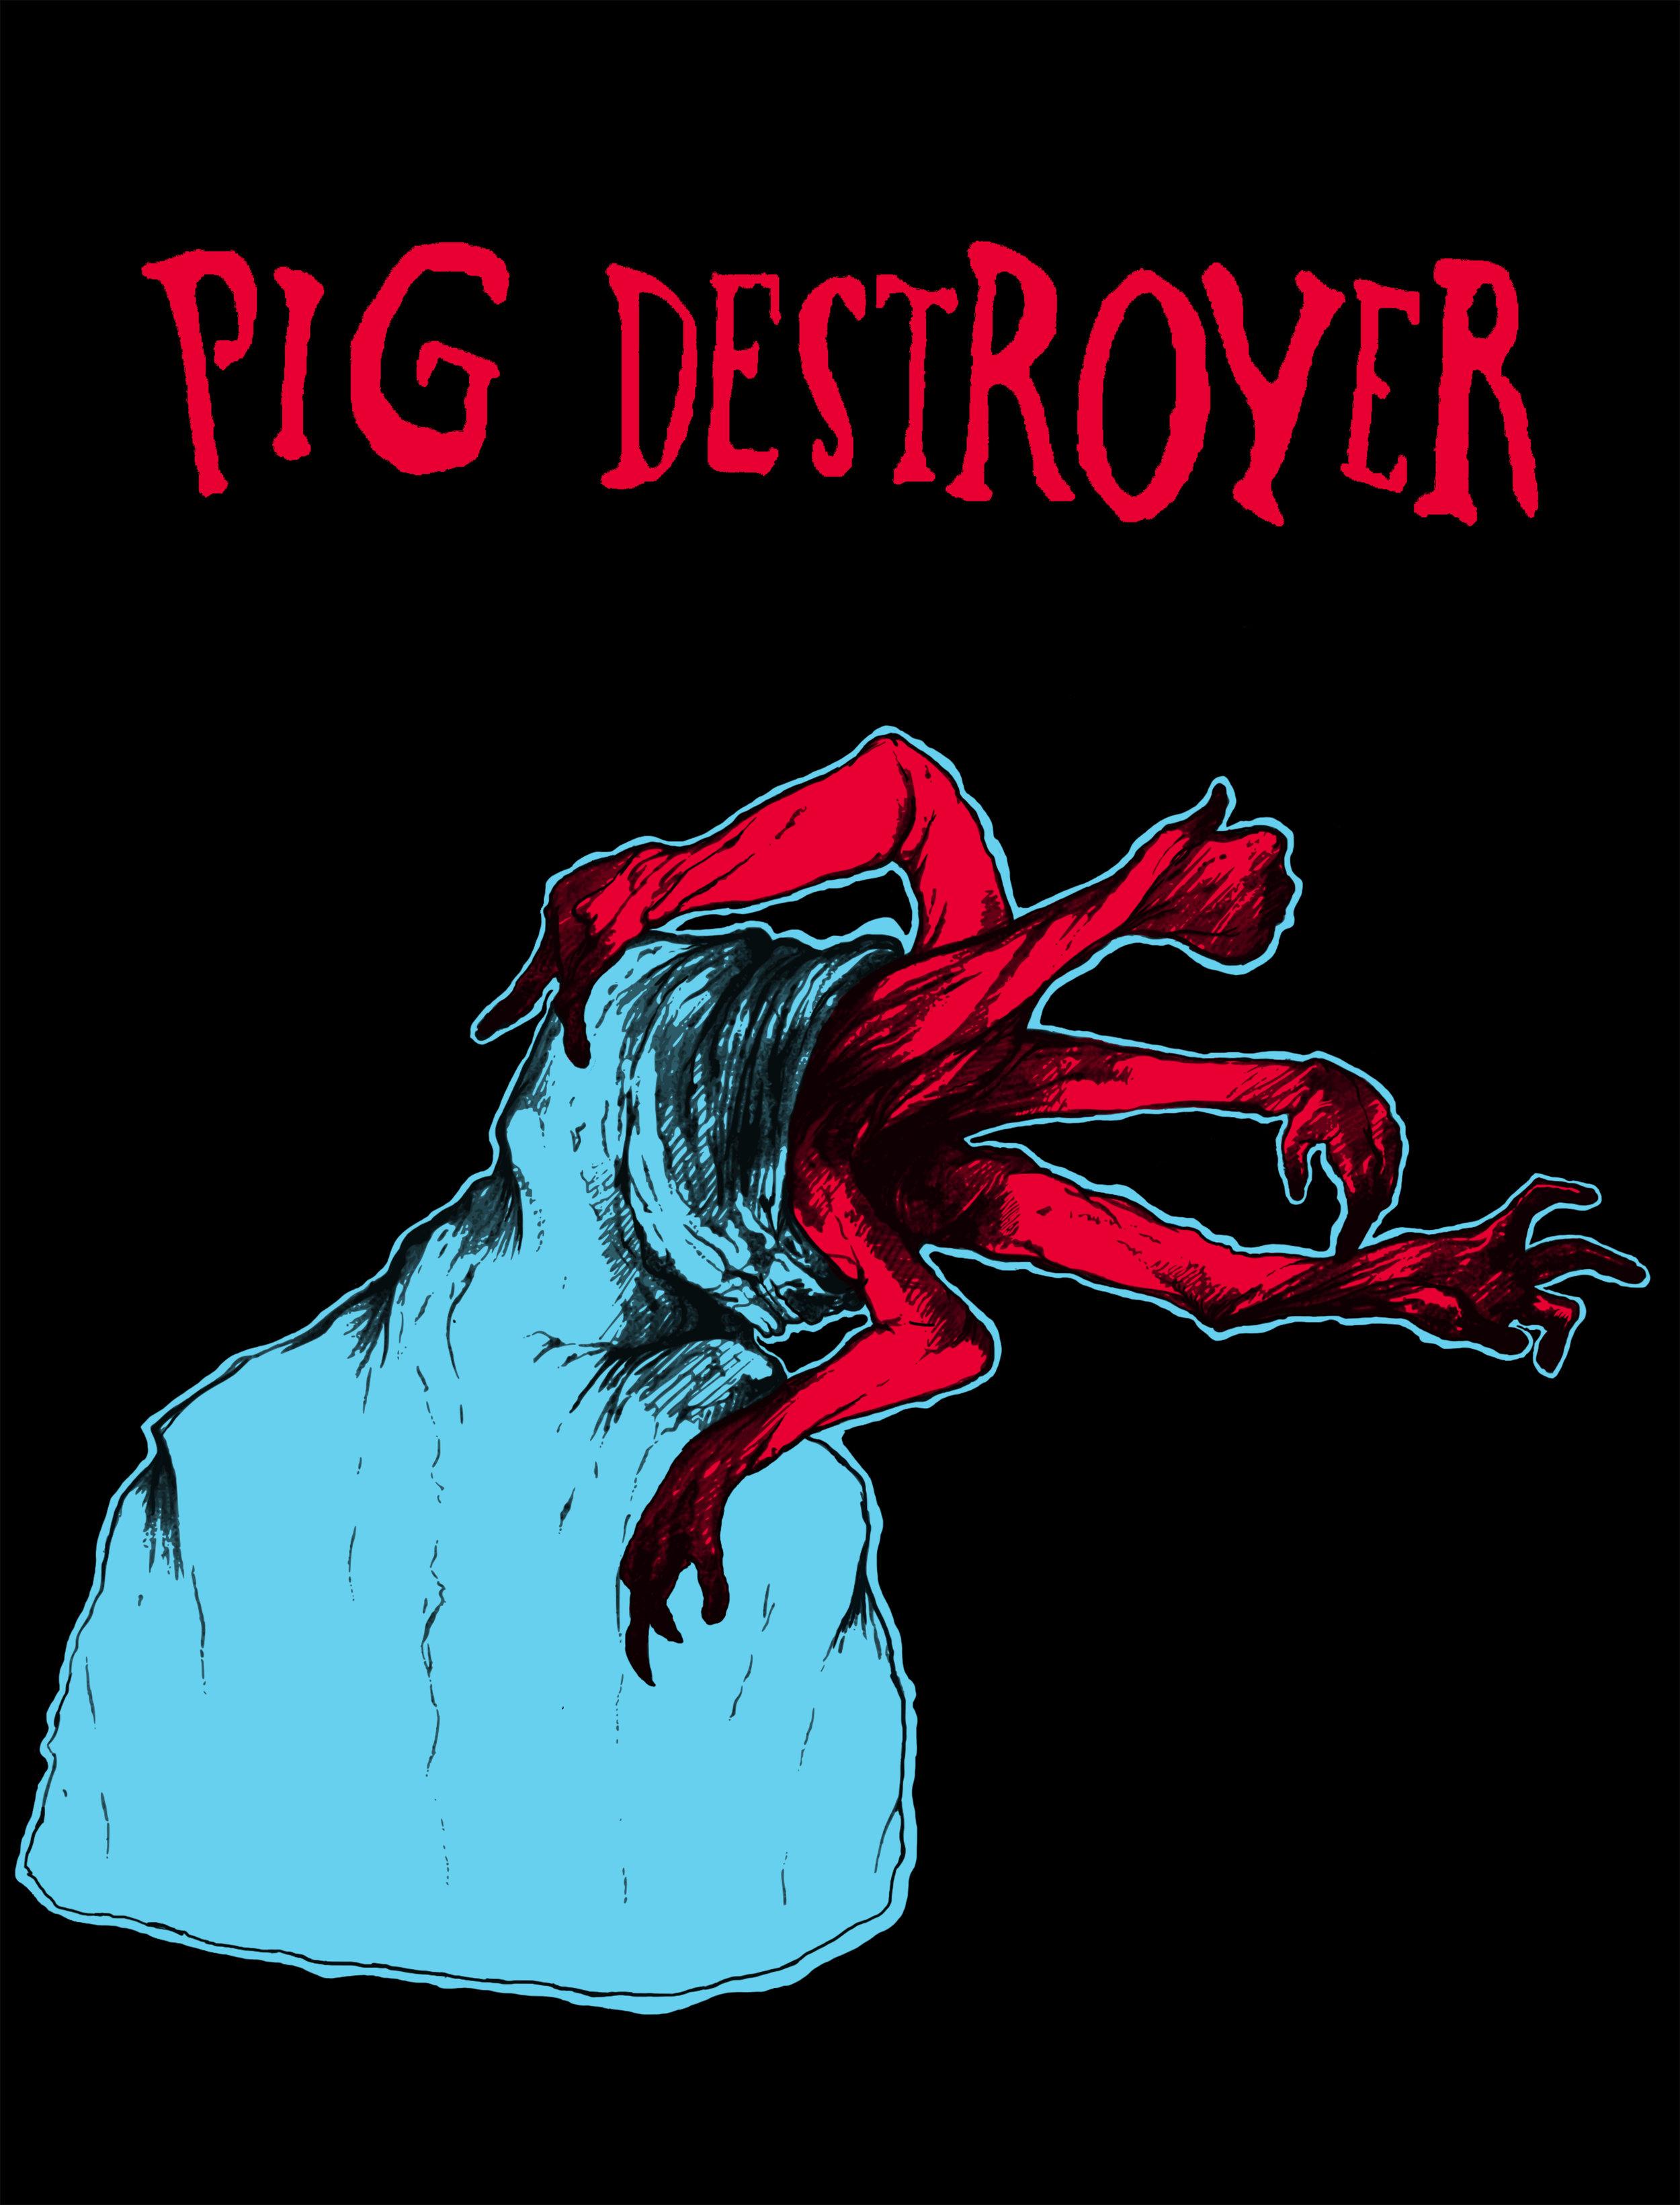 2018. Shirt design for  Pig Destroyer .